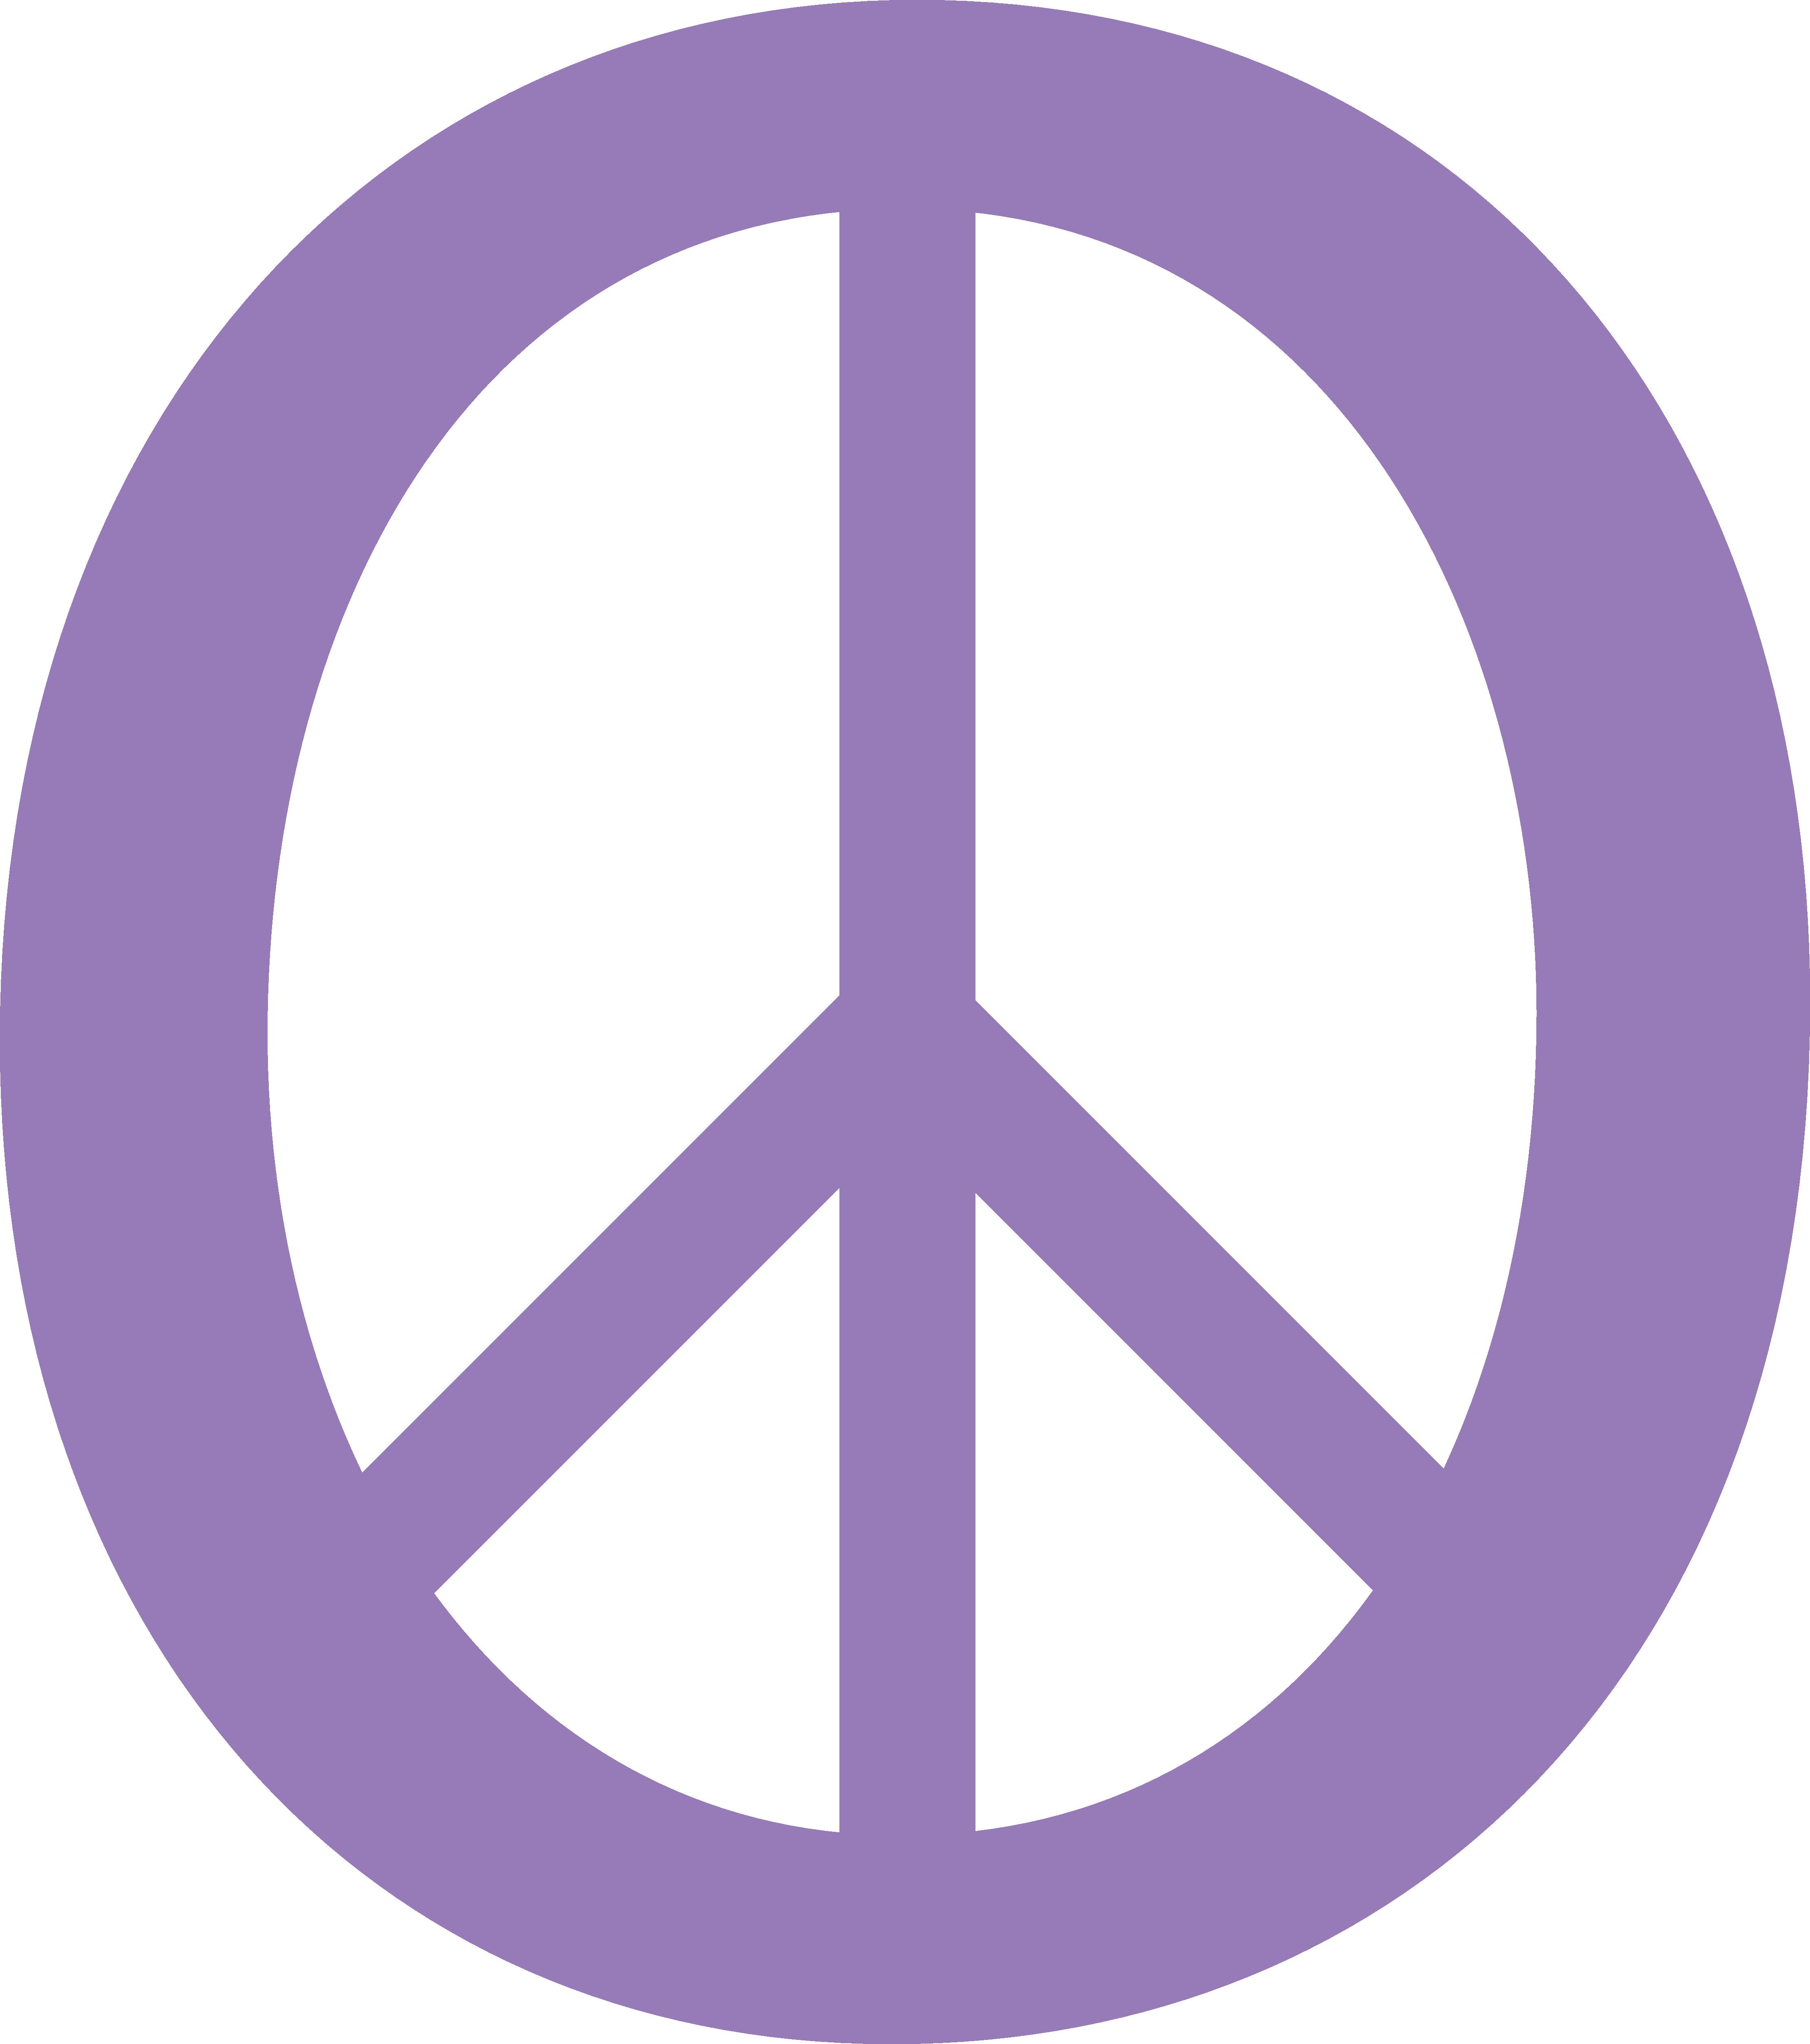 And Symbol Clip Art - Peace Symbol Emoji - (4444x5018) Png